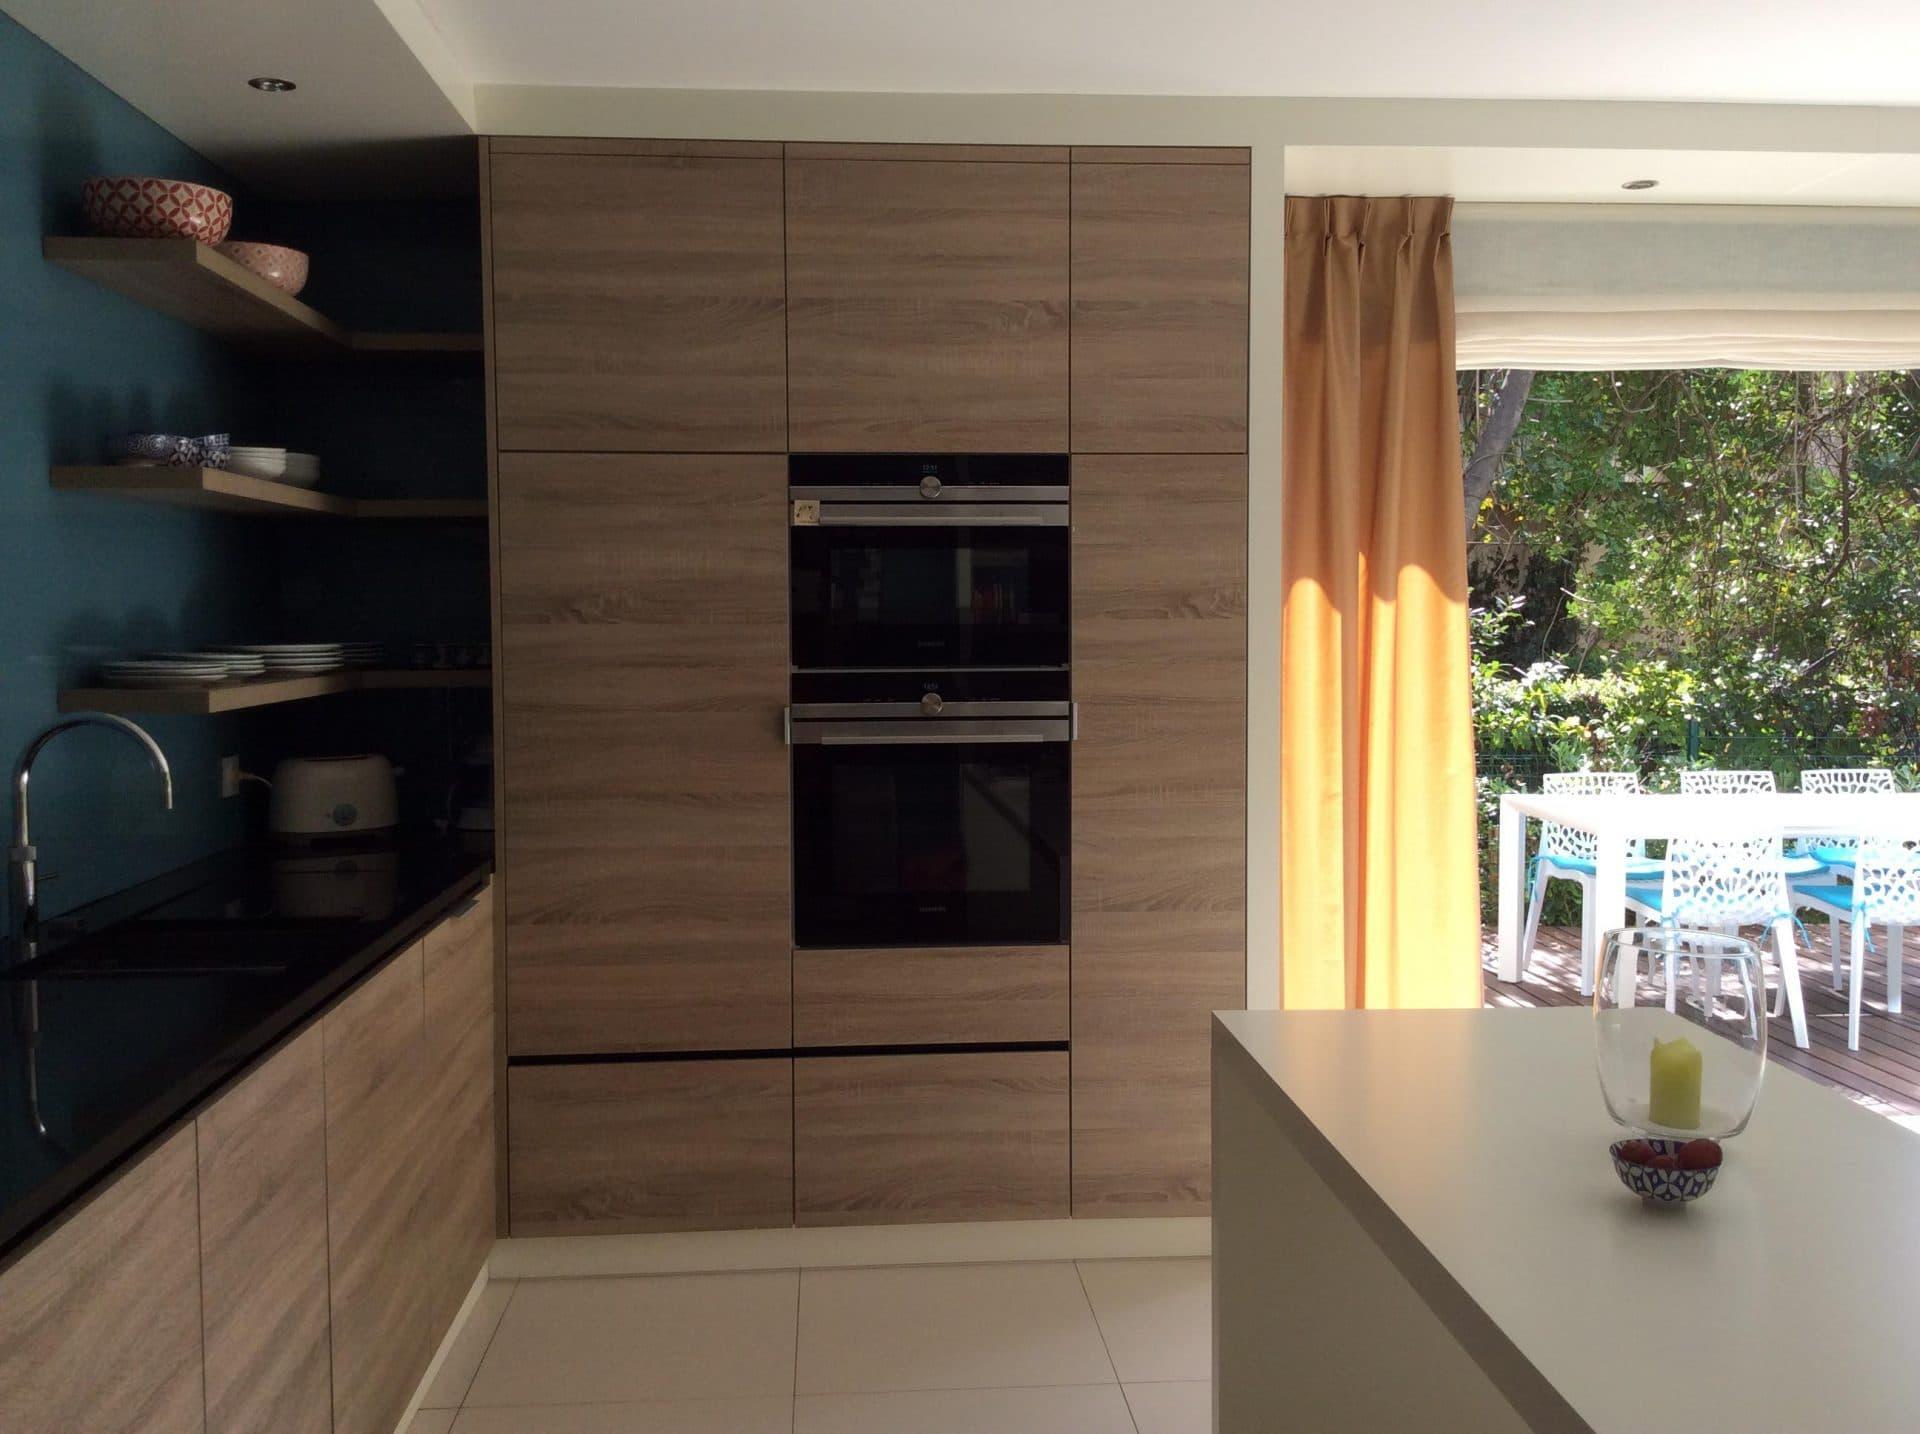 Keuken Design Hilversum : De keukens van de interieurarchitect van studio inside out uit